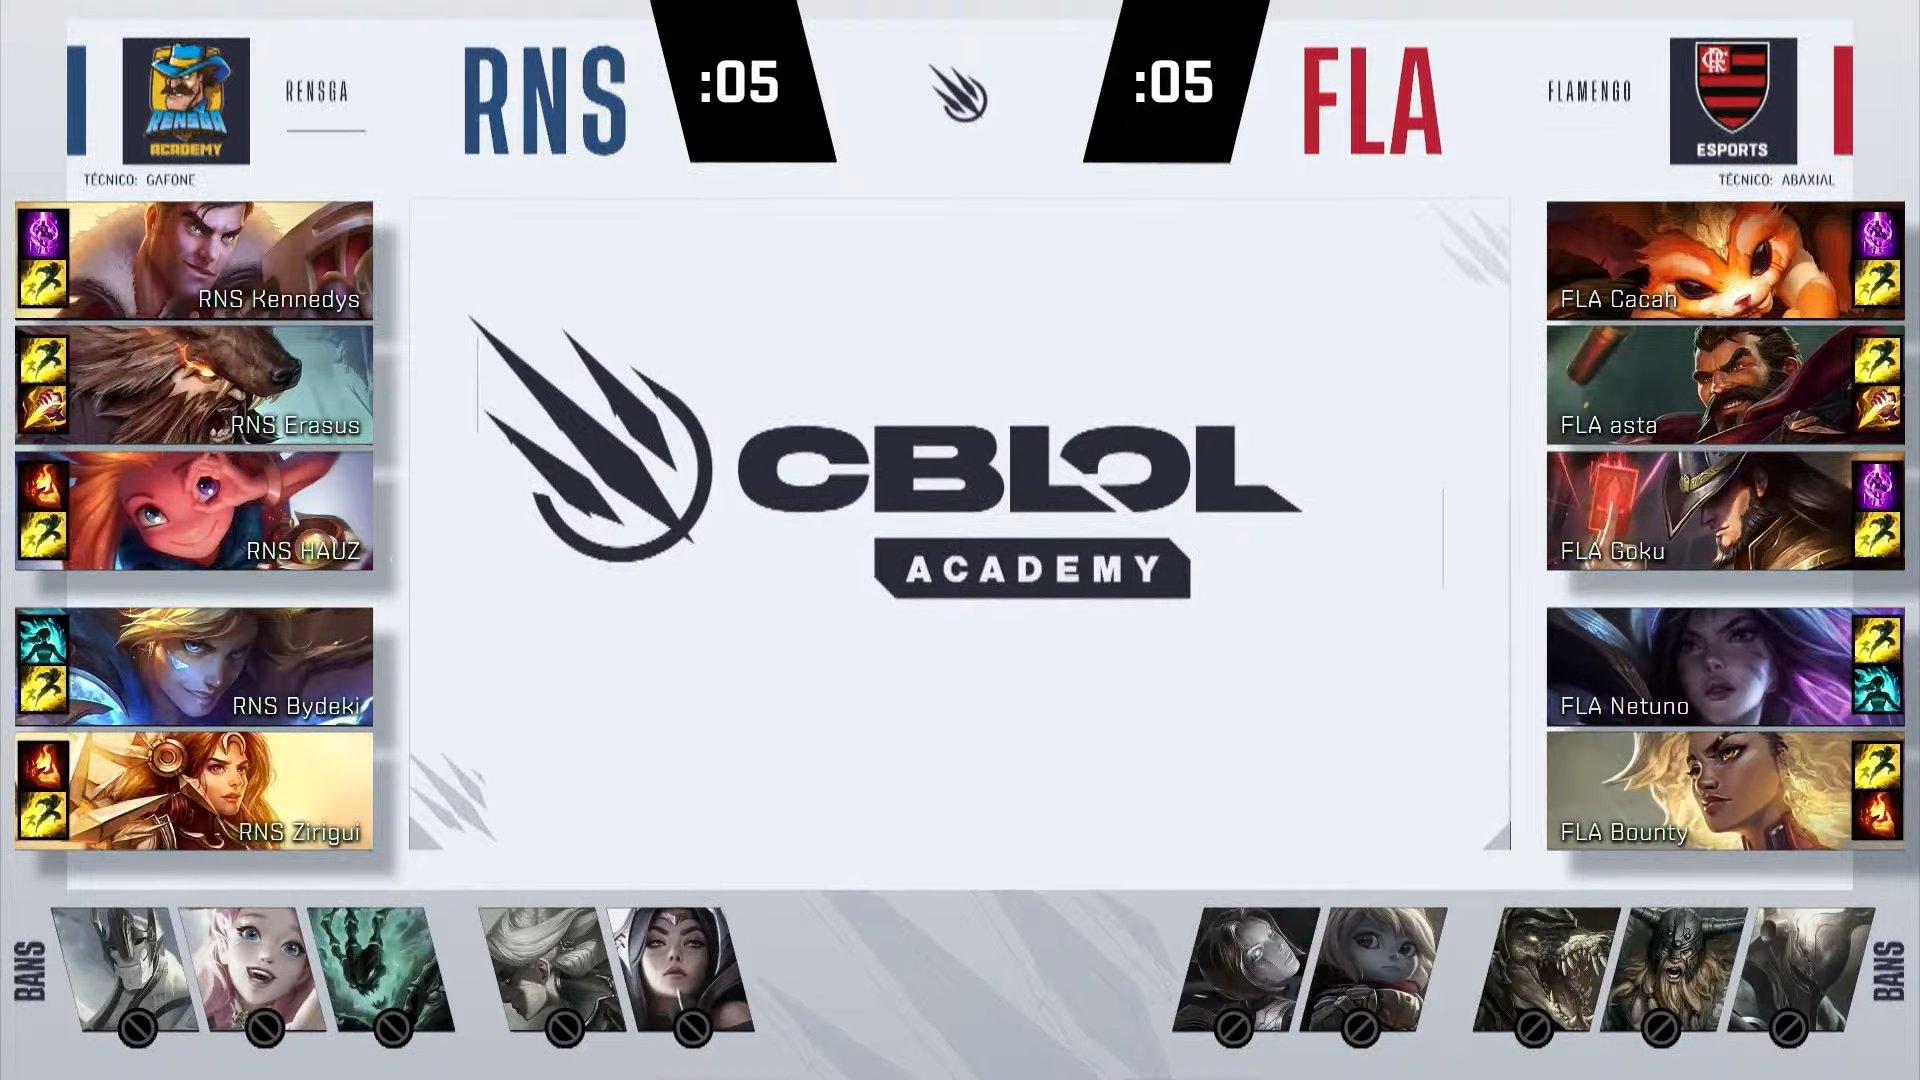 CBLOL Academy – Flamengo perde, mas continua no topo!